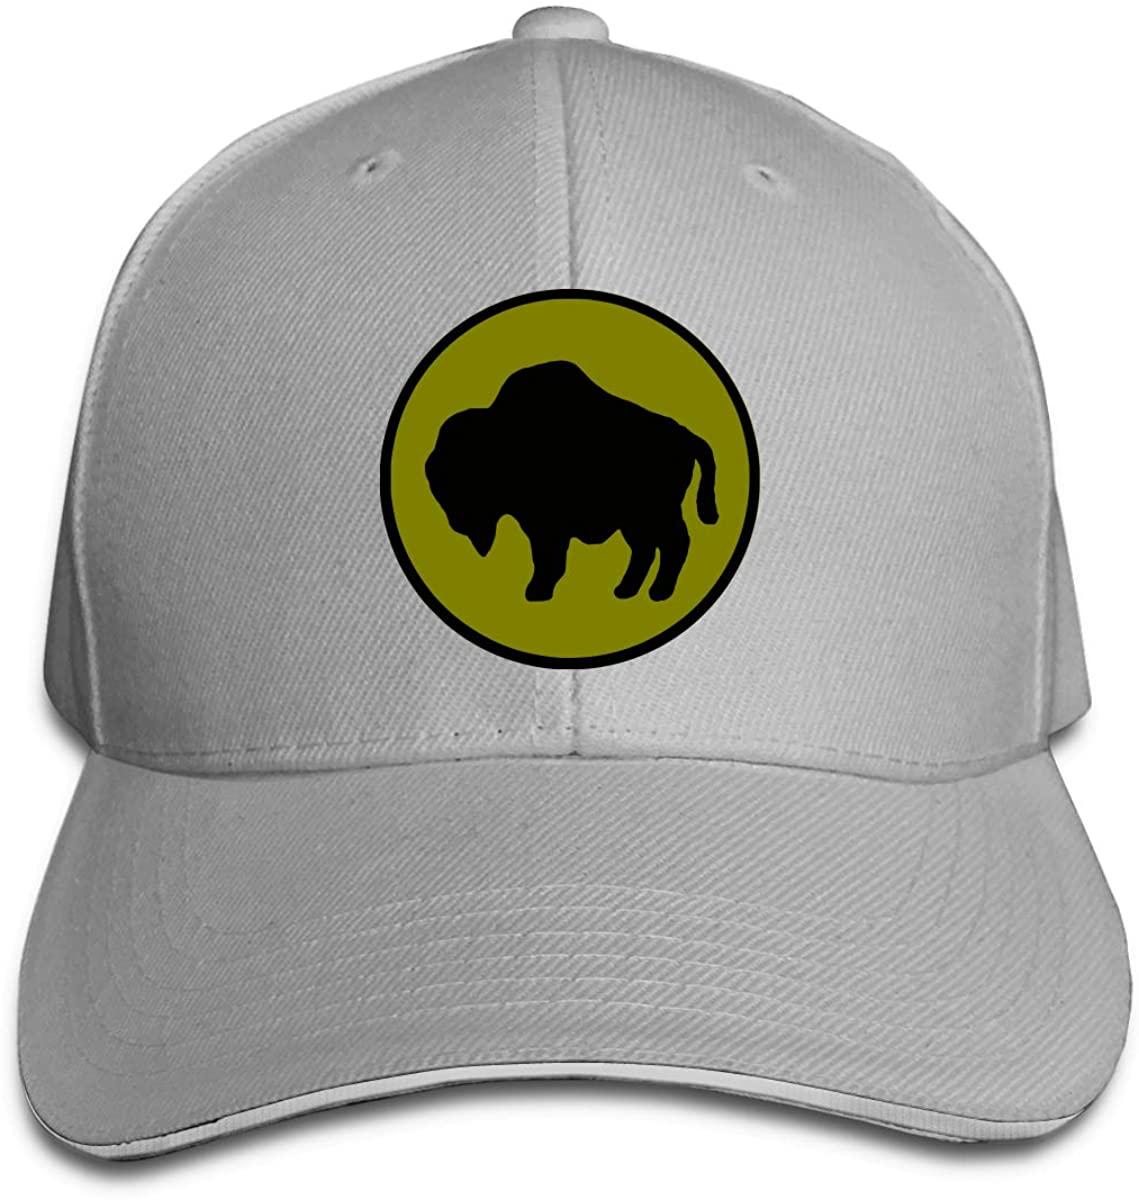 92nd пехотное подразделение, головные уборы унисекс, головные уборы грузовиков, головные уборы для бейсбола, кепка для водителя